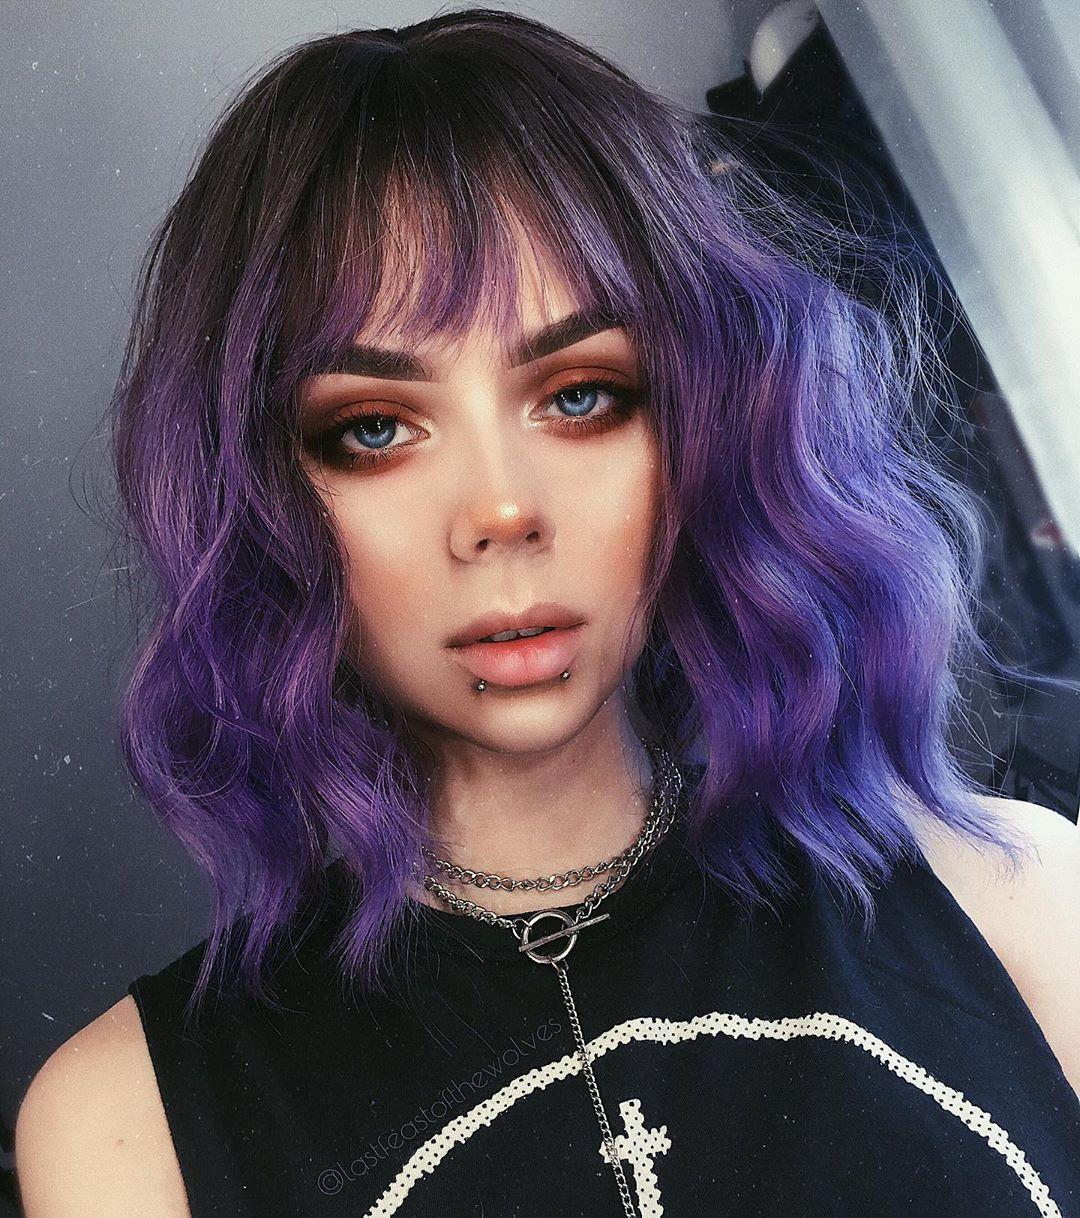 Split Dye In 2020 Hair Inspo Color Aesthetic Hair Alternative Hair